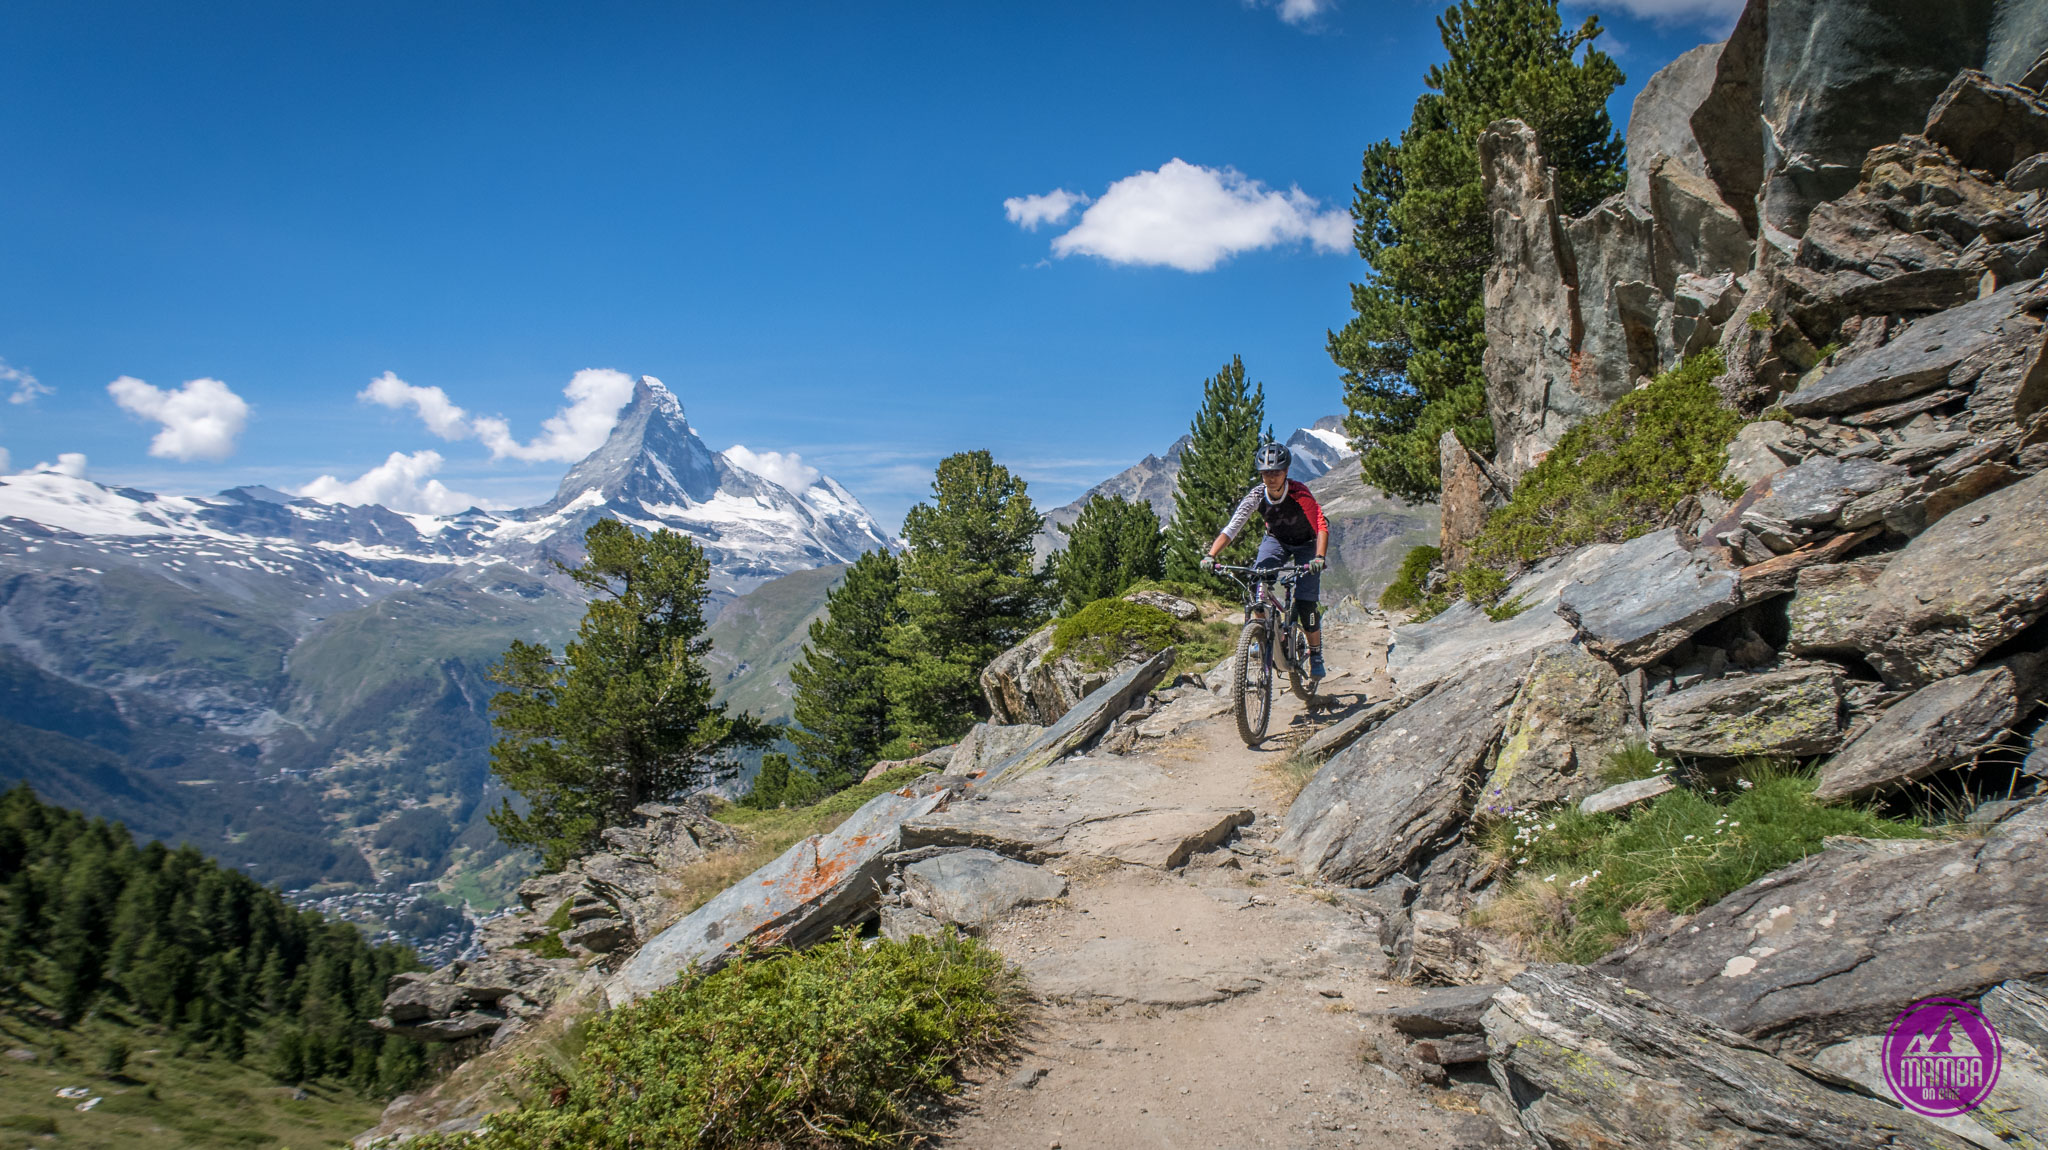 Heli biking Zermatt - troche ekspozycji